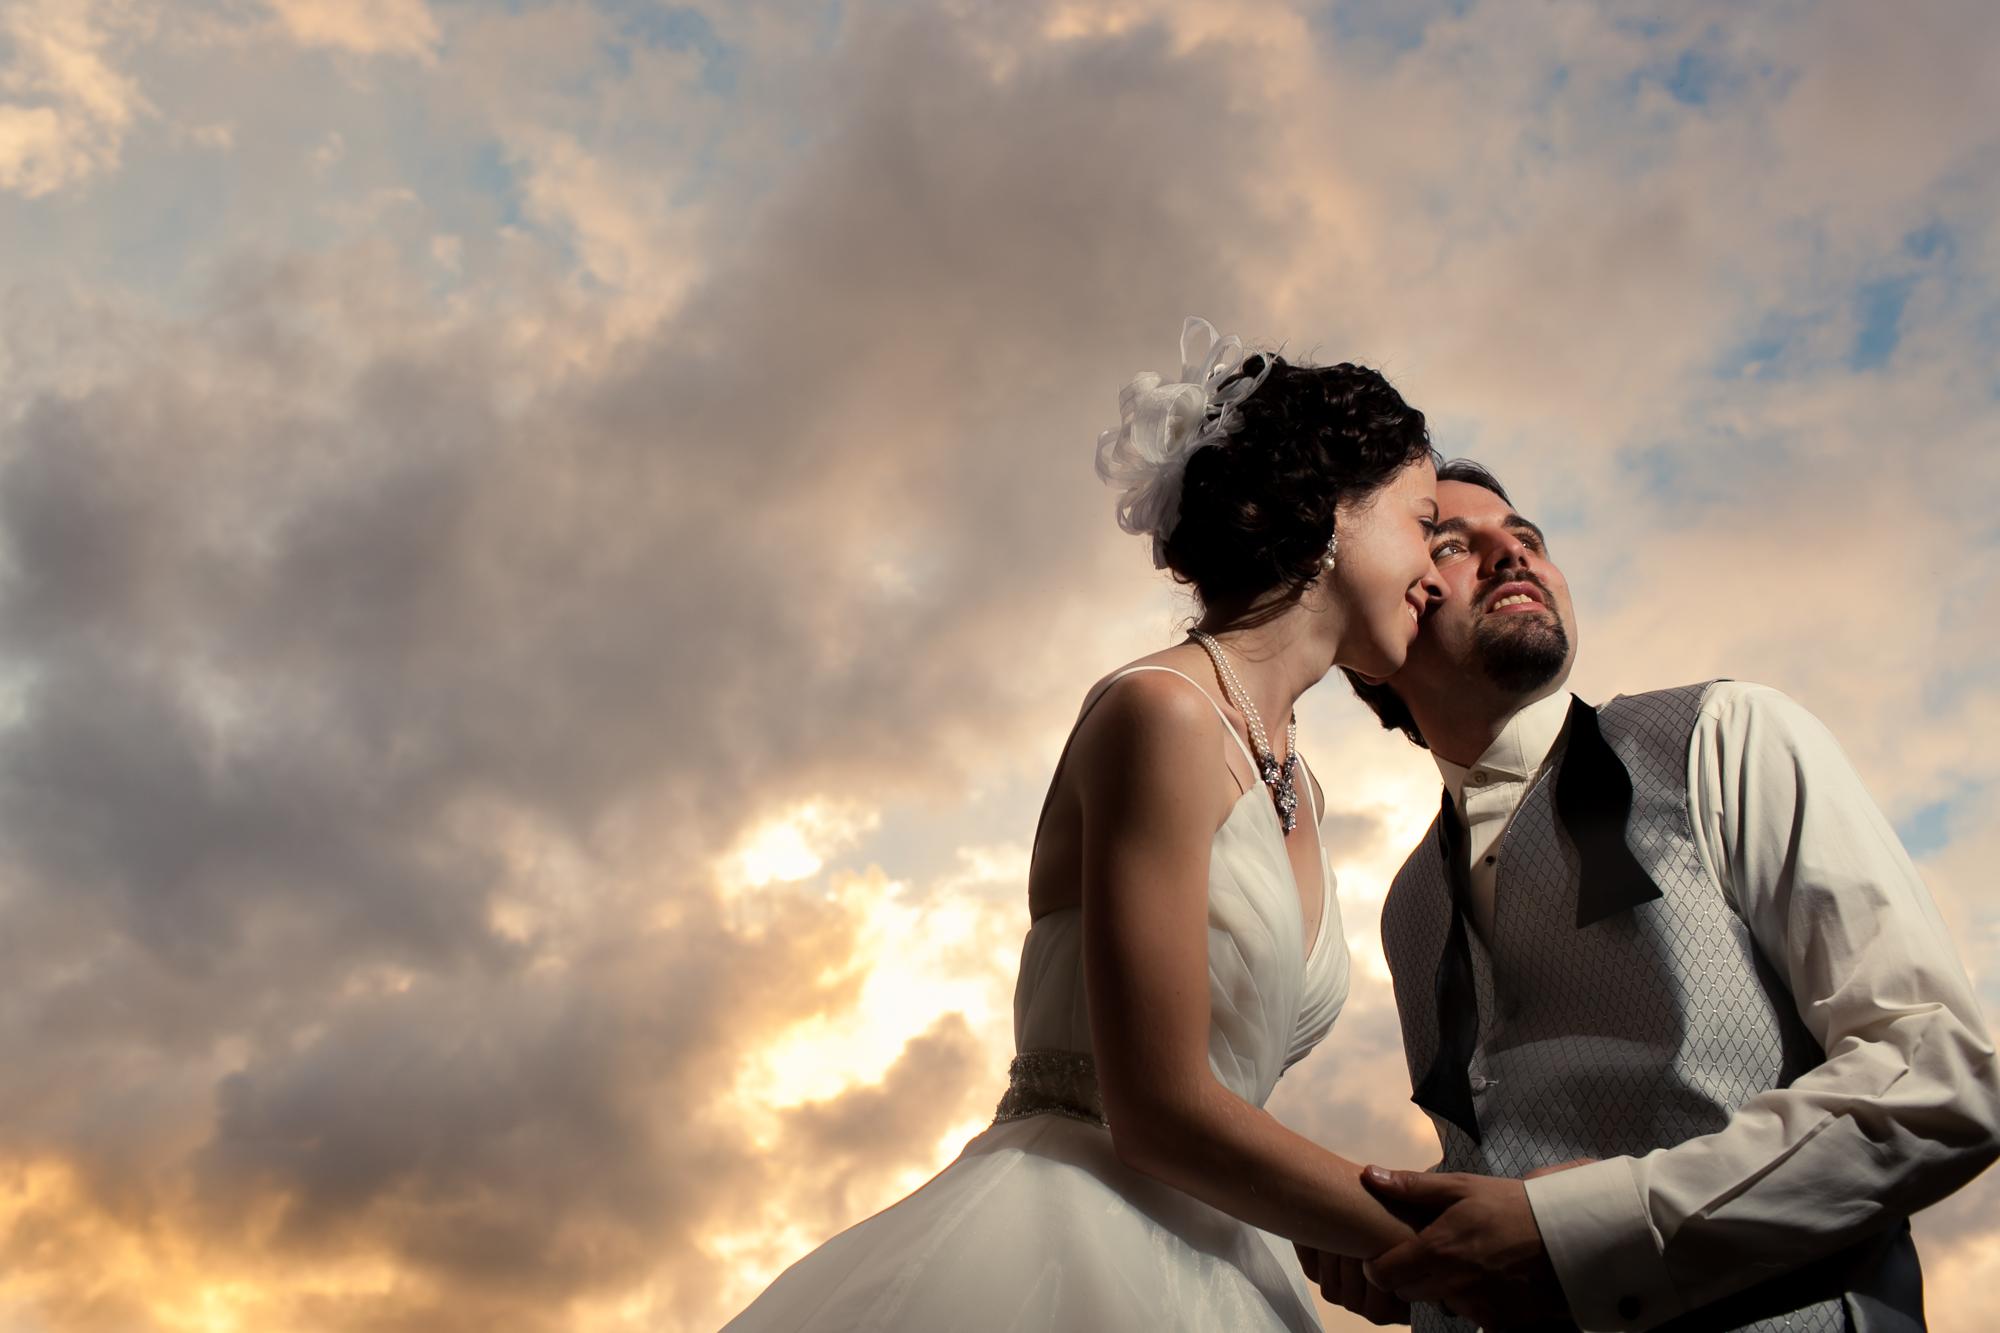 20130913_2013.09.13_SumnerKreibel_Wedding_website_IMG_4671 copy.jpg